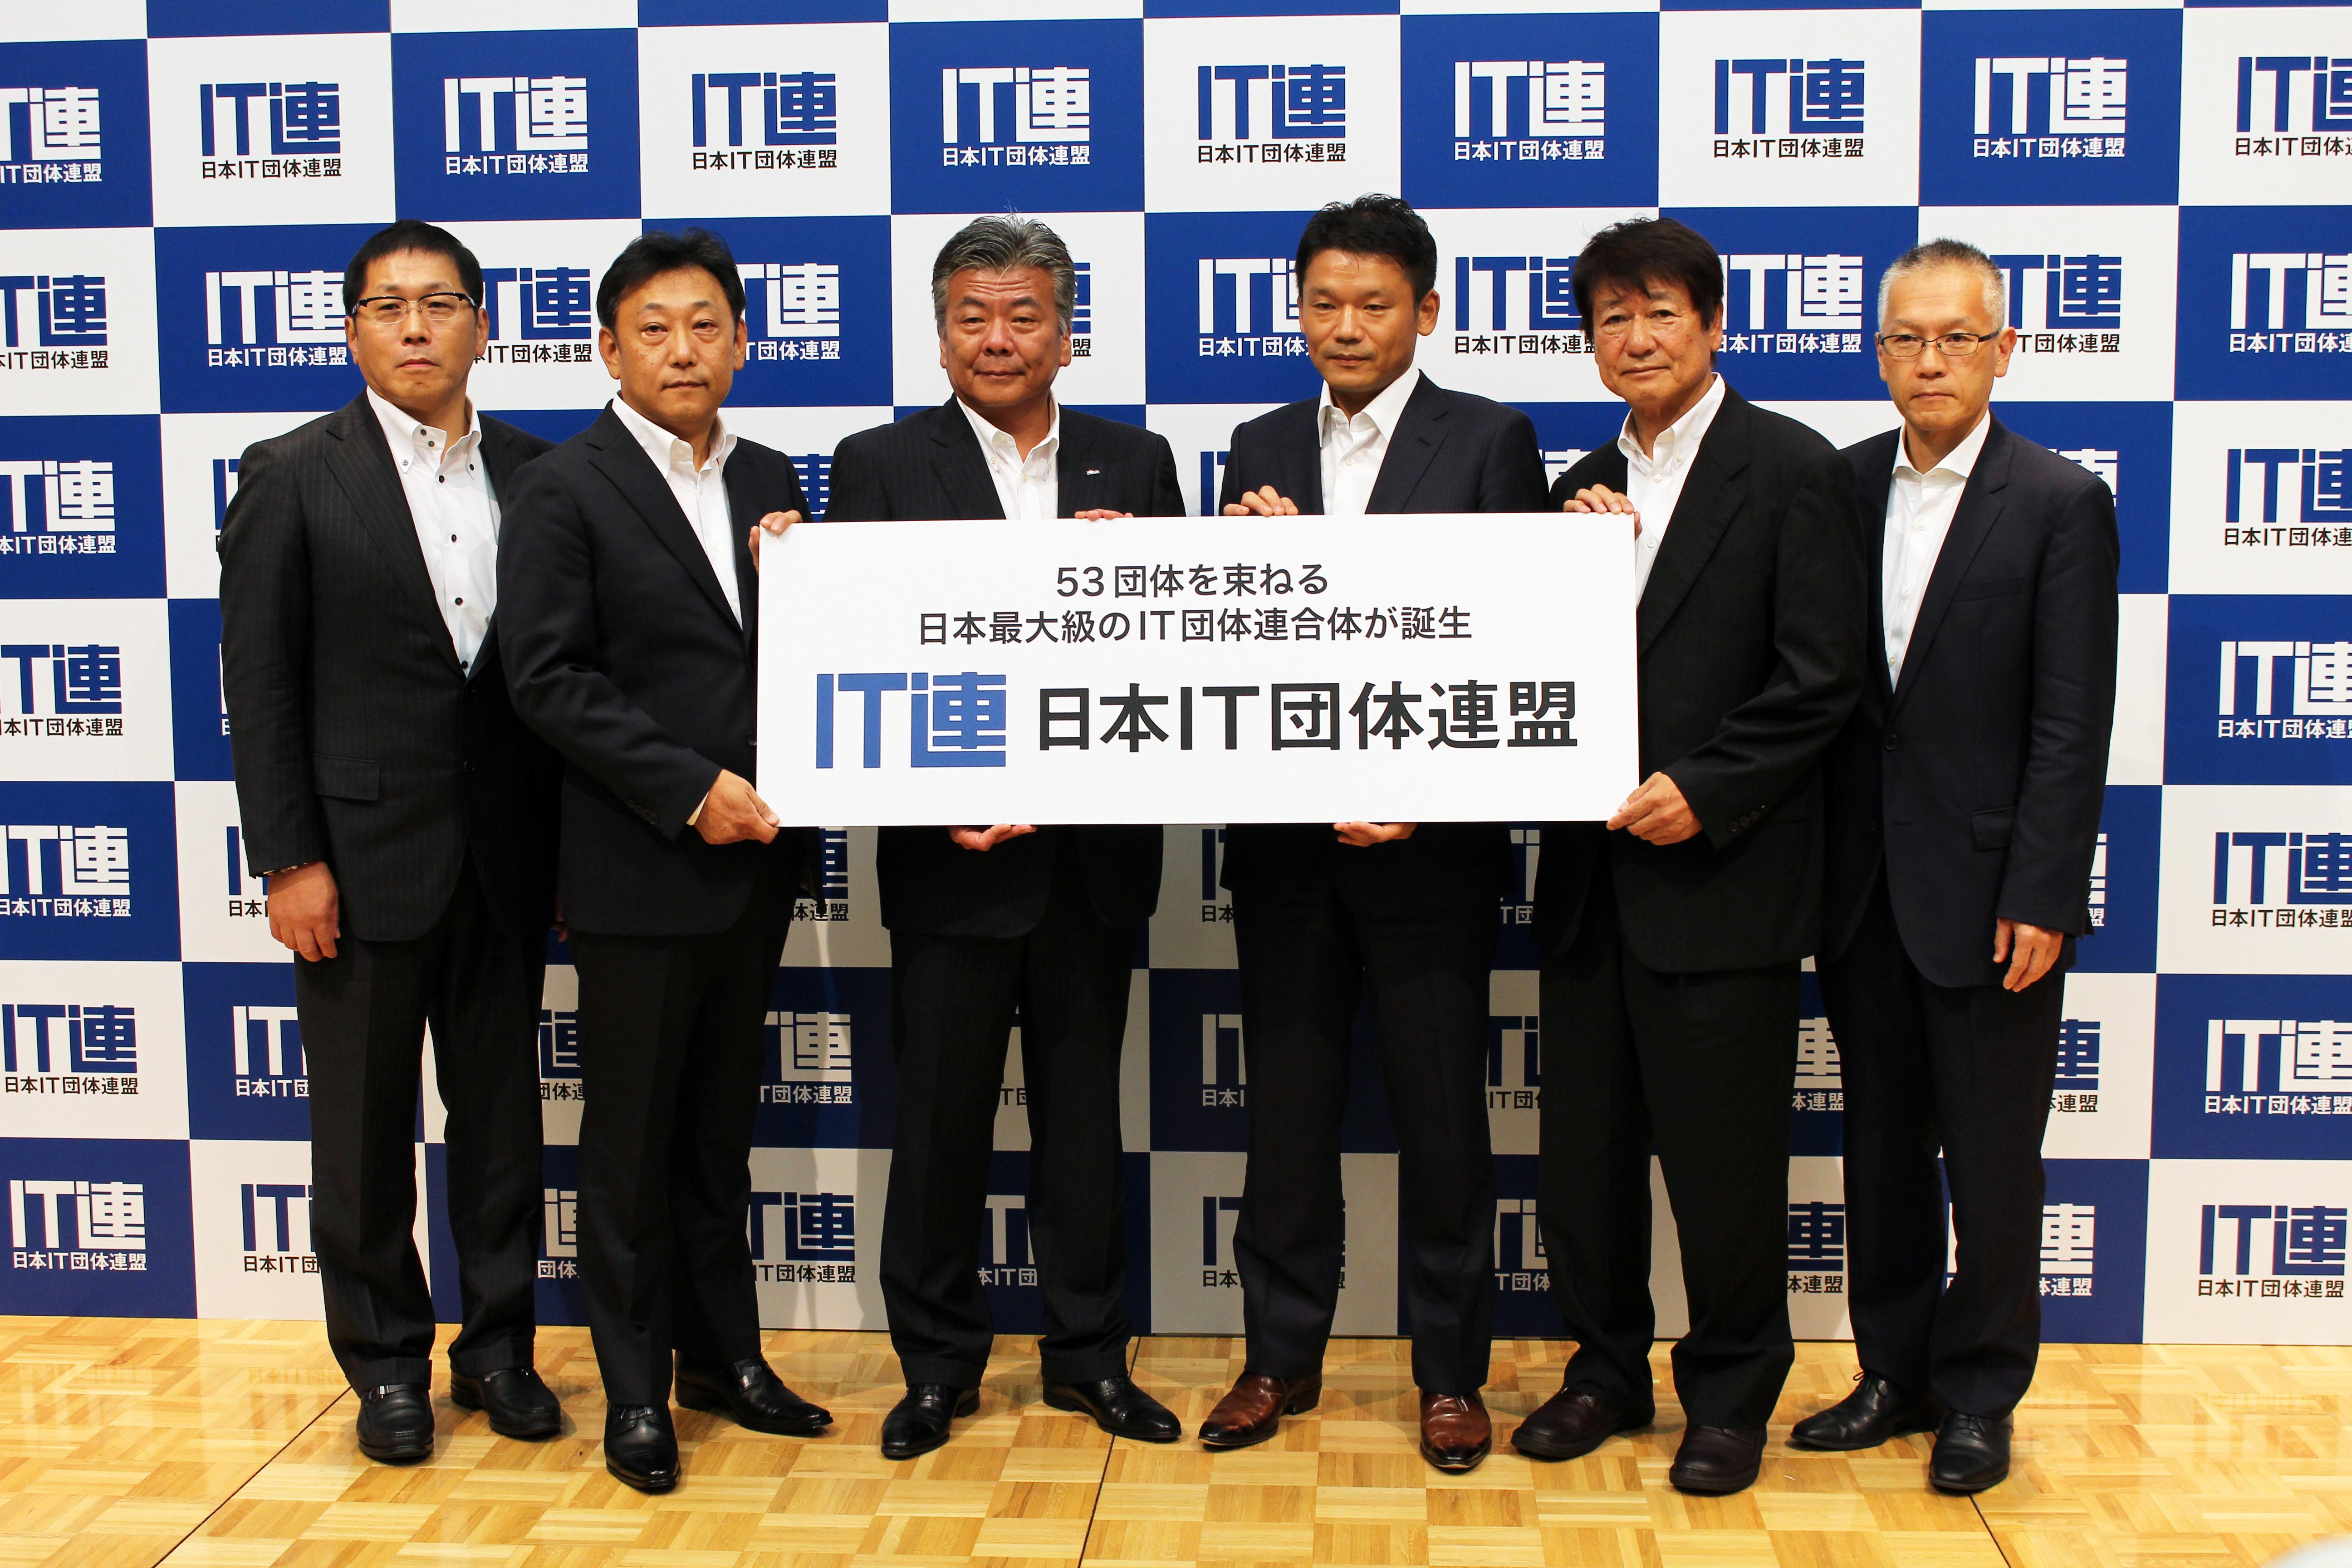 日本IT団体連盟」が発足、政策提言やIT人材の育成に「一丸となって ...